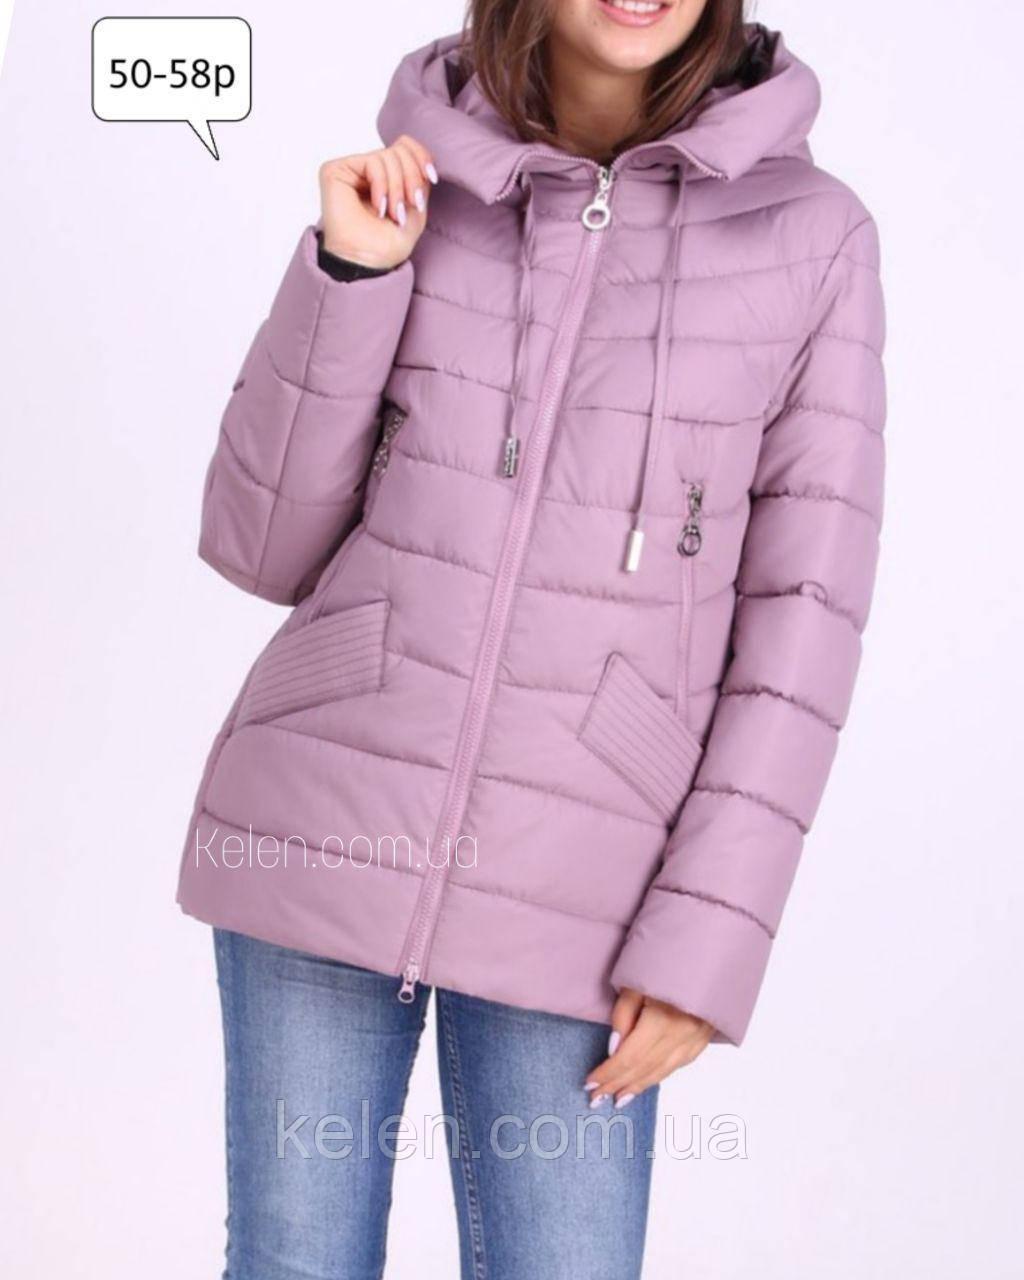 Женская куртка с капюшоном весна-осень цвет пудра